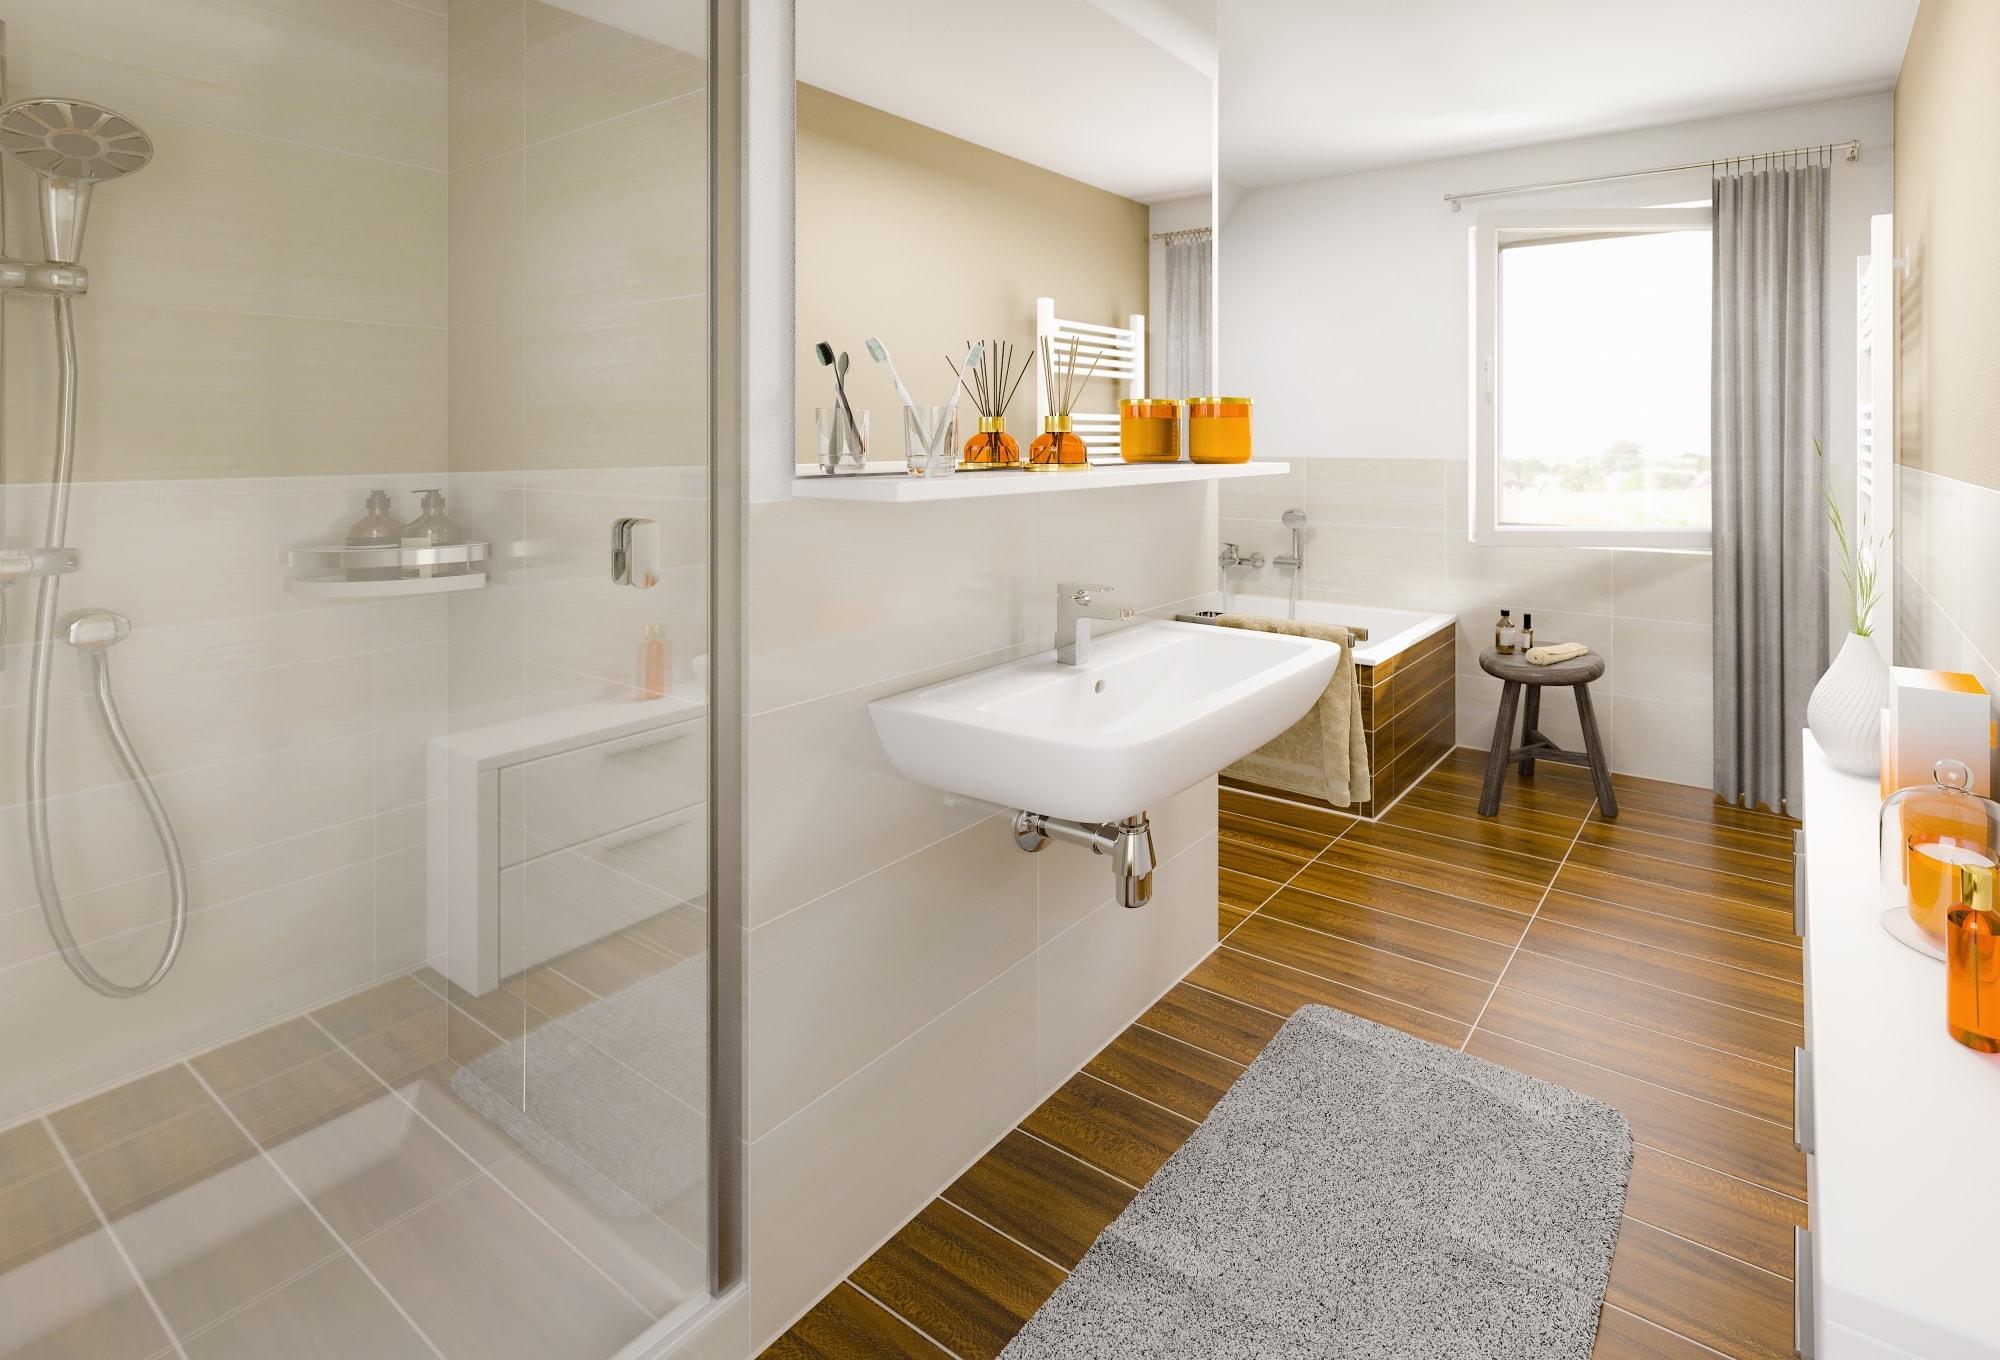 Modernes Badezimmer mit Fliesen in Holzoptik - Ideen Inneneinrichtung Einfamilienhaus Lichthaus 121 von Town Country Haus - HausbauDirekt.de